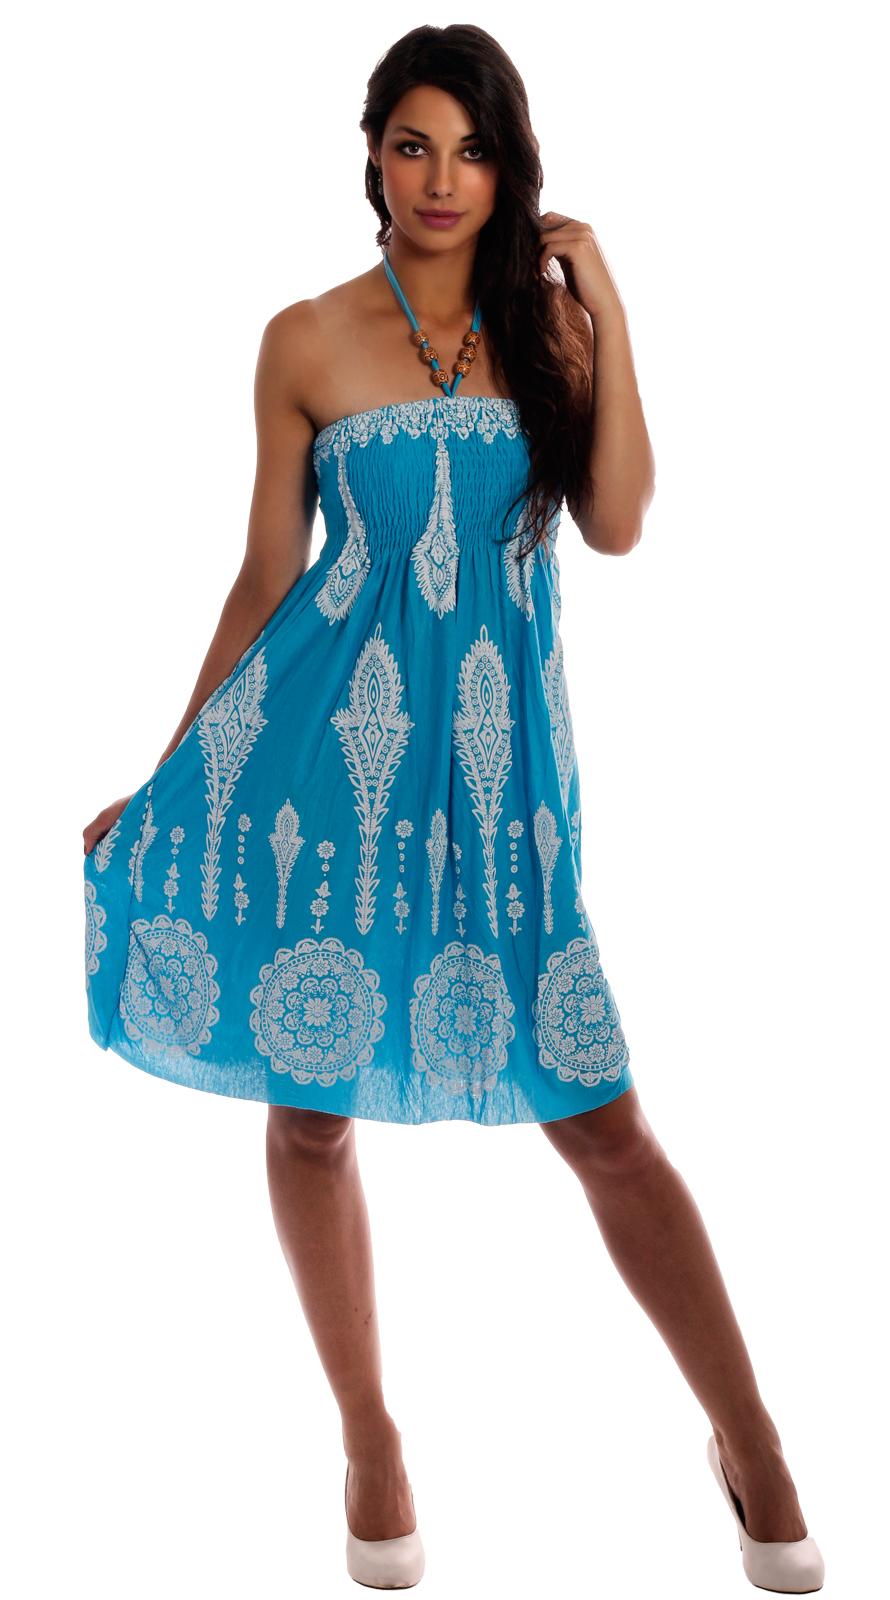 sommerkleid strandkleid neckholder hellblau